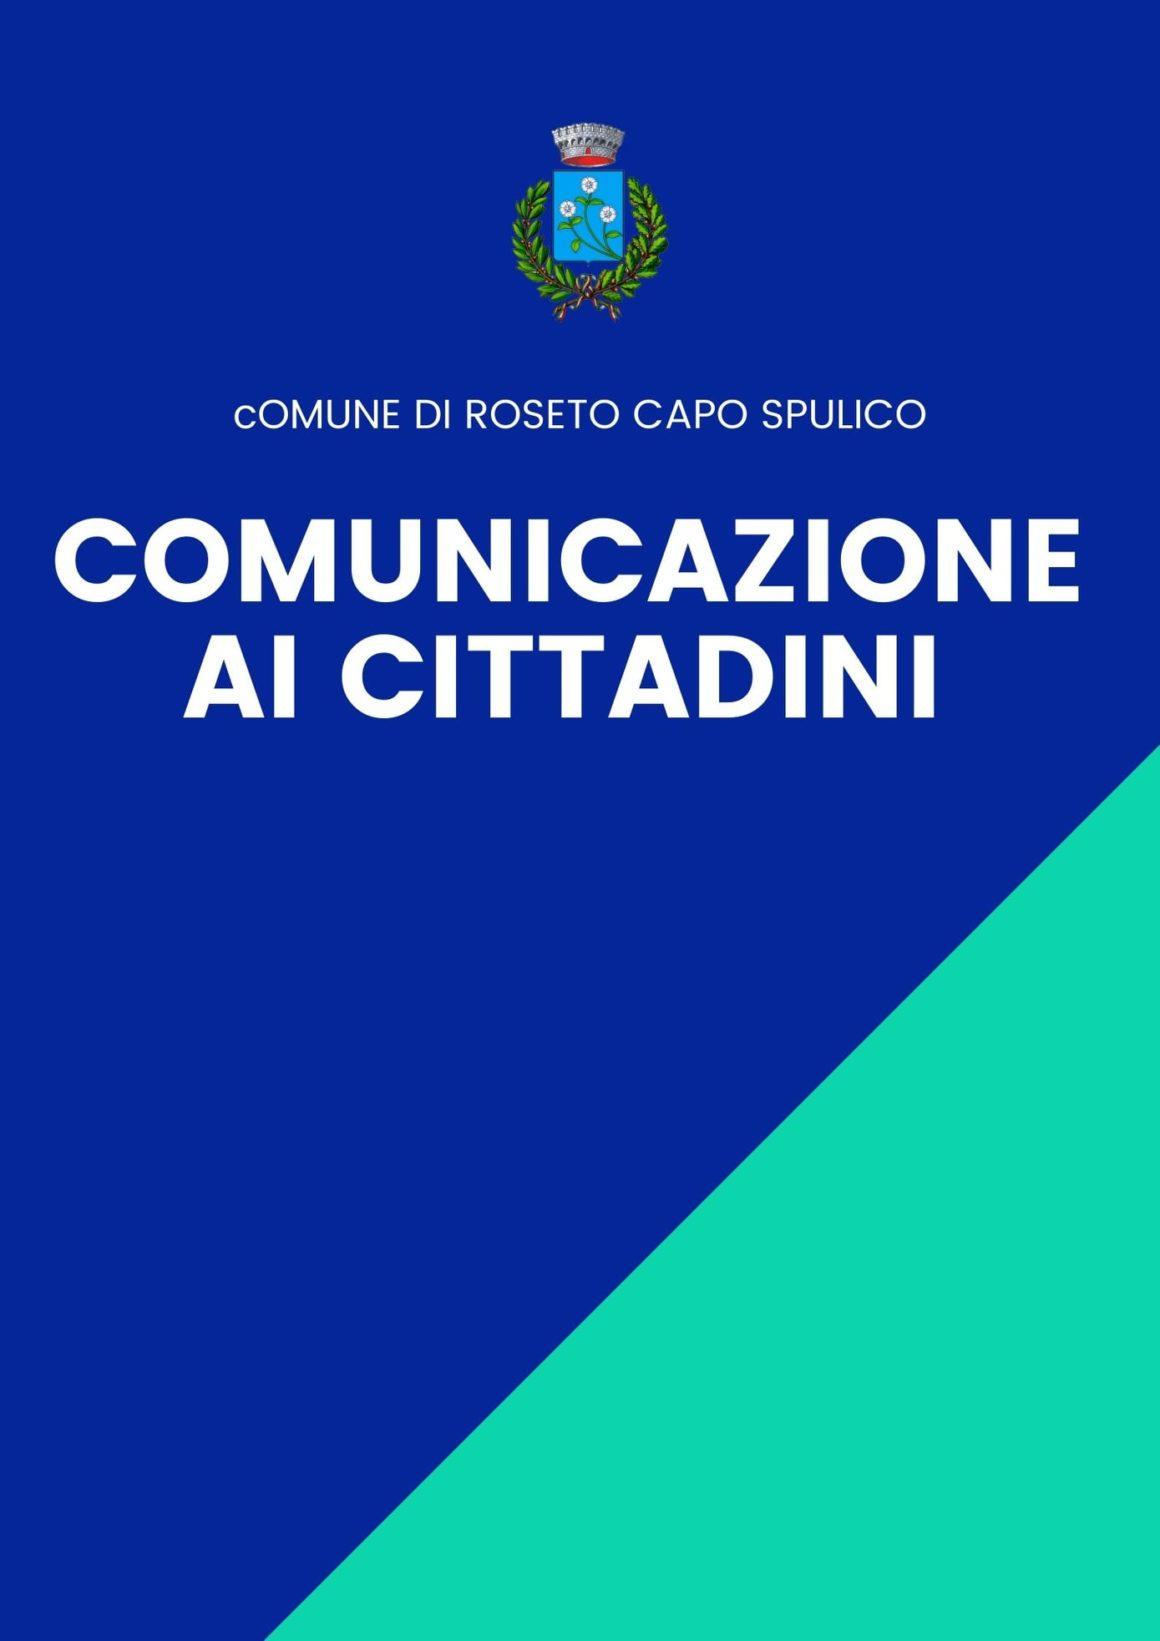 AGGIORNAMENTO COVID-19. COMUNICAZIONE ATTIVITA' DI SCREENING CON TEST ANTIGENICO RAPIDO AI DIPENDENTI E AGLI AMMINISTRATORI COMUNALI